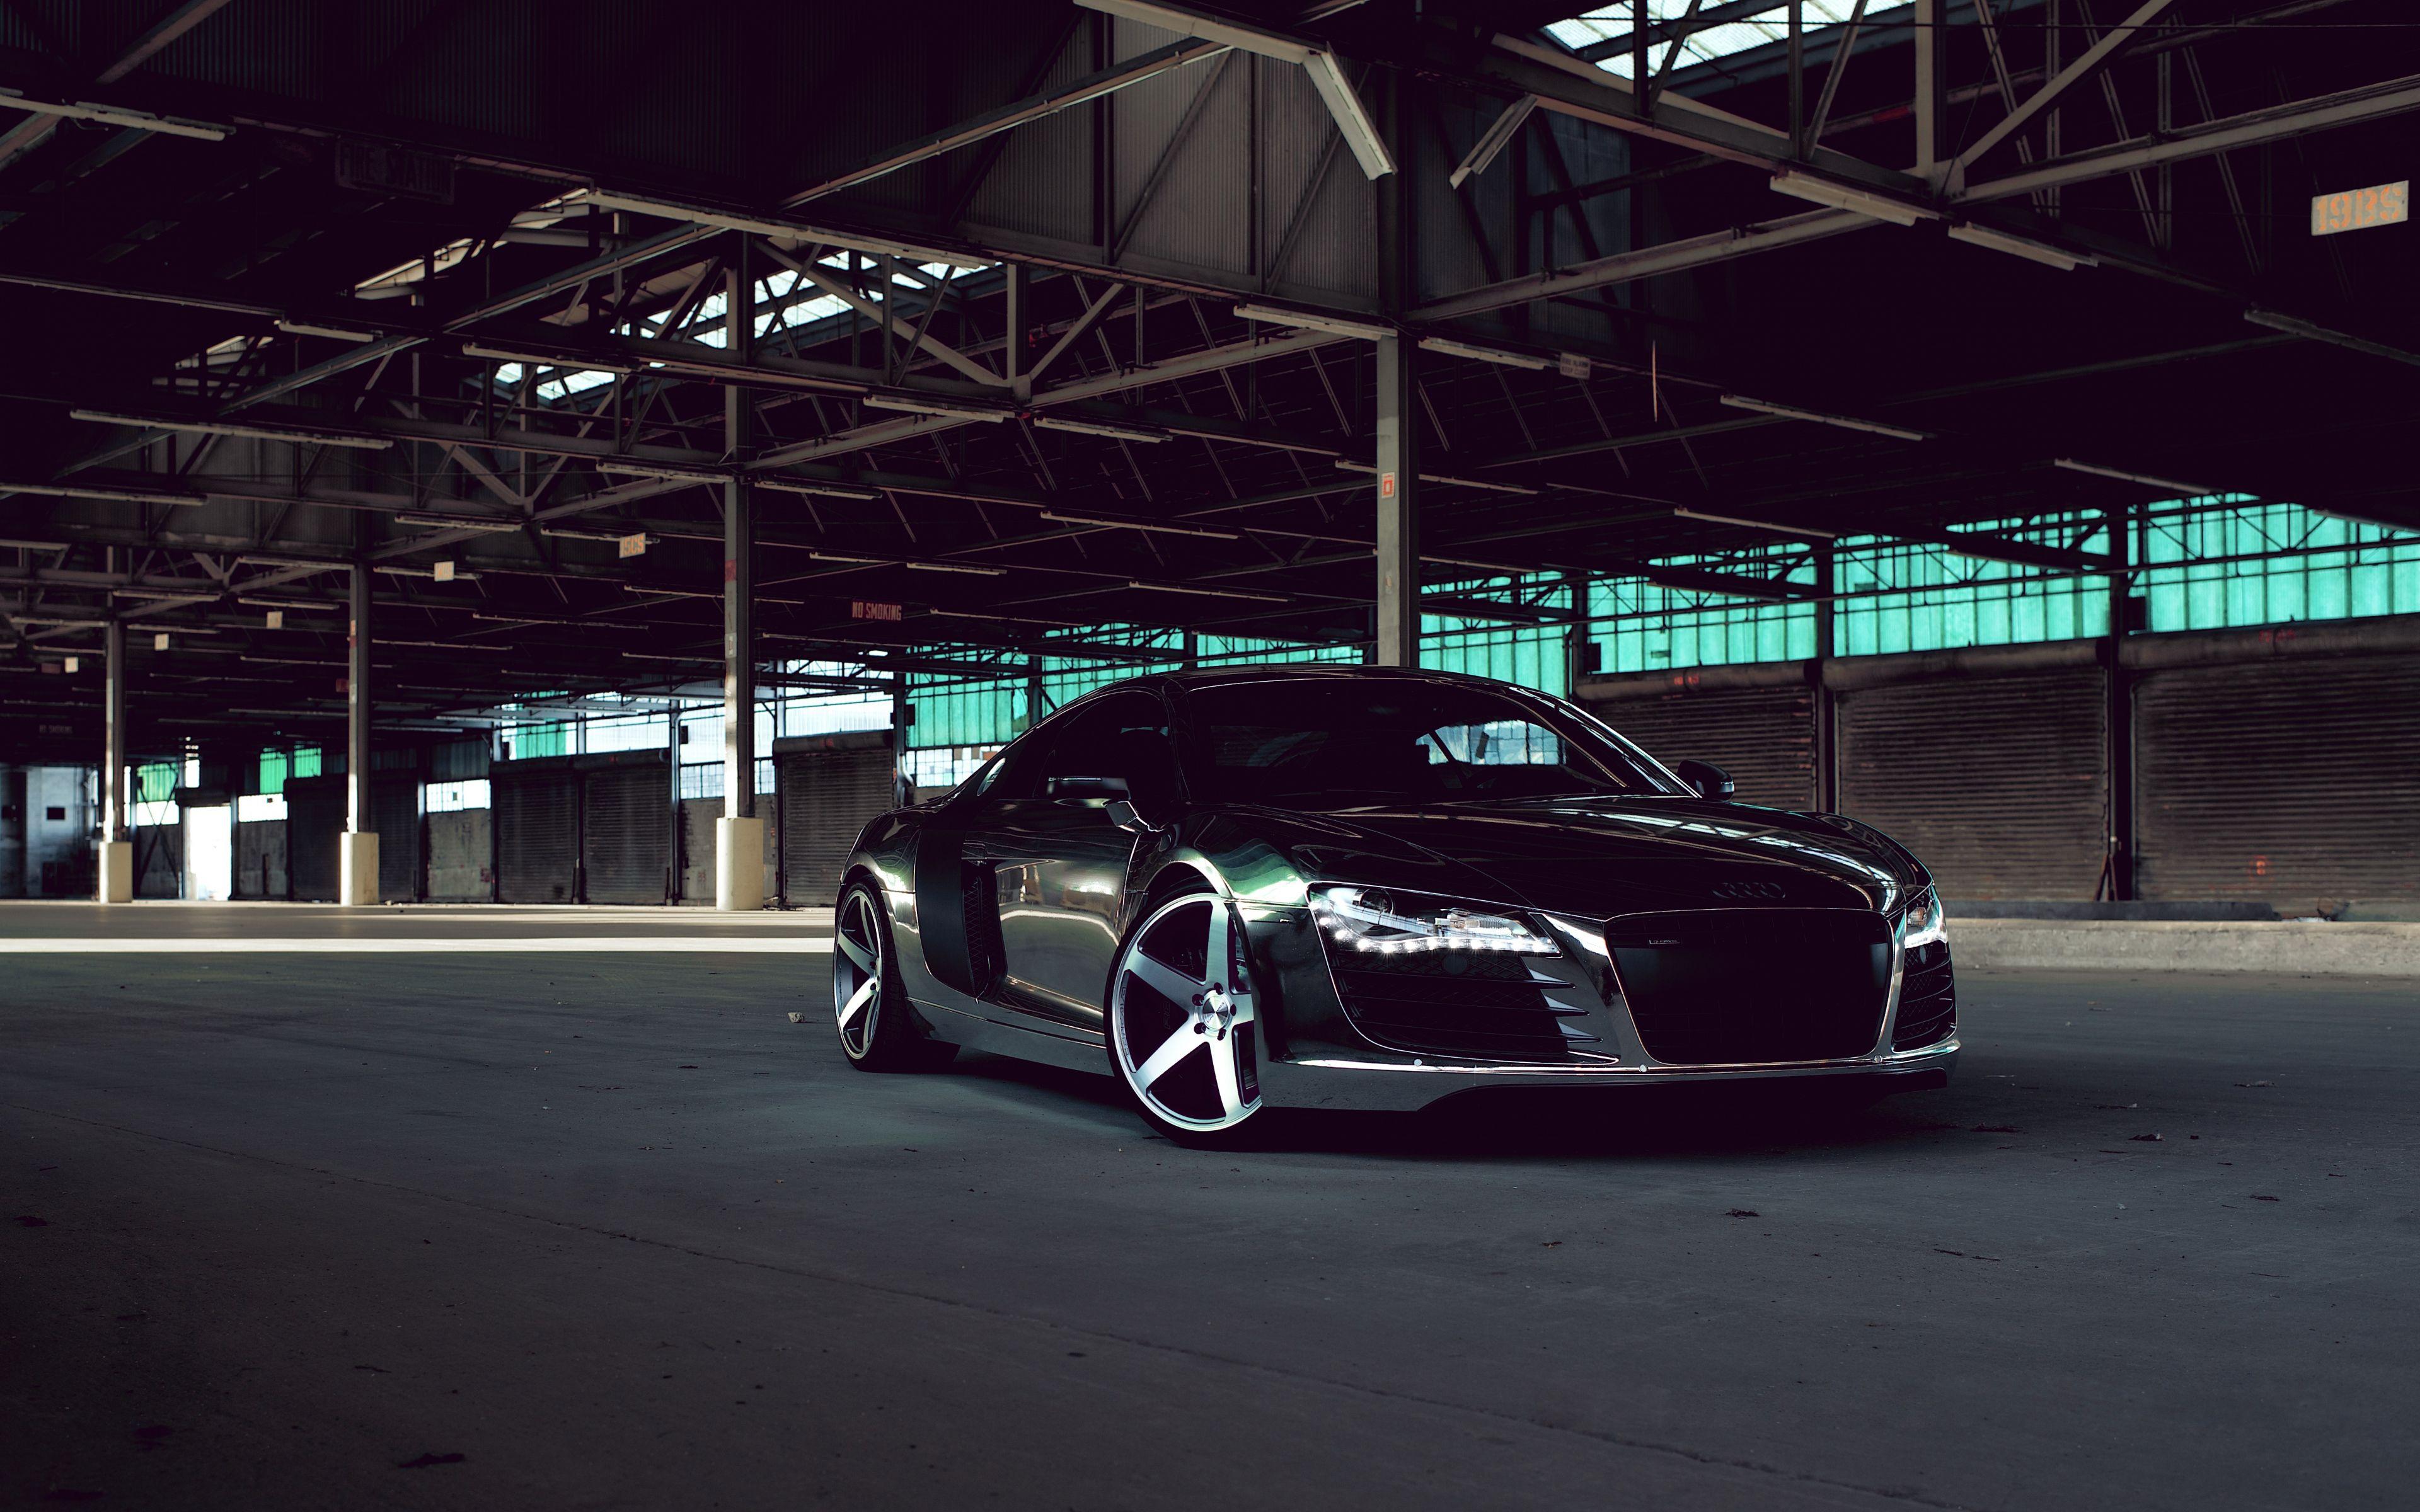 3840x2400 Wallpaper Audi R8 Chrome Cw 5 Matte Black Black Side View Audi Audi R8 Matte Black Black Audi